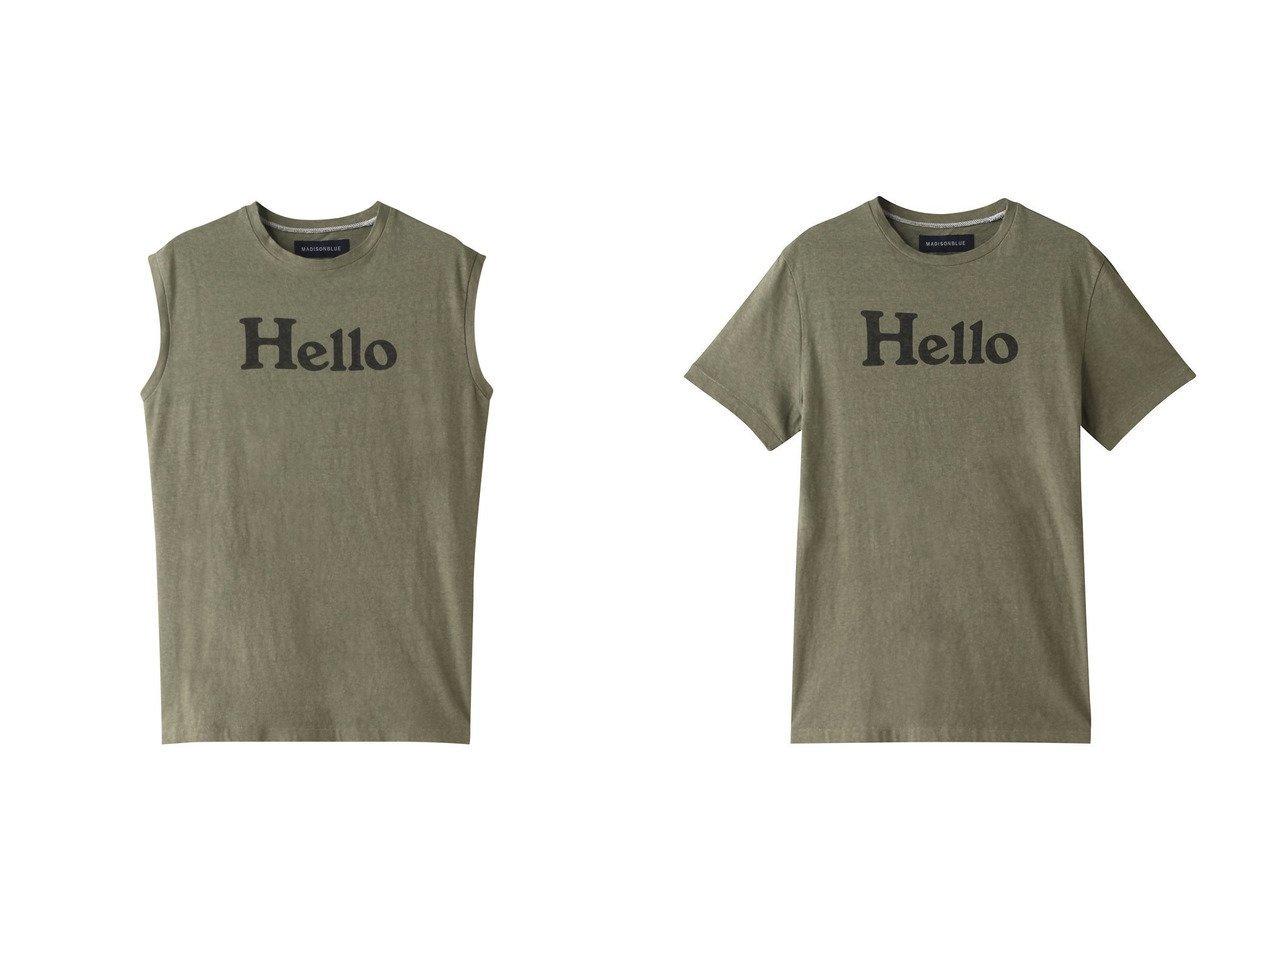 【MADISONBLUE/マディソンブルー】のHELLOノースリーブコットンTシャツ&HELLOクルーネックコットンTシャツ MADISONBLUEのおすすめ!人気、トレンド・レディースファッションの通販 おすすめで人気の流行・トレンド、ファッションの通販商品 メンズファッション・キッズファッション・インテリア・家具・レディースファッション・服の通販 founy(ファニー) https://founy.com/ ファッション Fashion レディースファッション WOMEN トップス Tops Tshirt キャミソール / ノースリーブ No Sleeves シャツ/ブラウス Shirts Blouses ロング / Tシャツ T-Shirts カットソー Cut and Sewn 2021年 2021 2021 春夏 S/S SS Spring/Summer 2021 S/S 春夏 SS Spring/Summer キャミソール タンク ノースリーブ プリント 定番 Standard 春 Spring ショート ジャケット スリーブ ベーシック ロング 秋 Autumn/Fall |ID:crp329100000016904